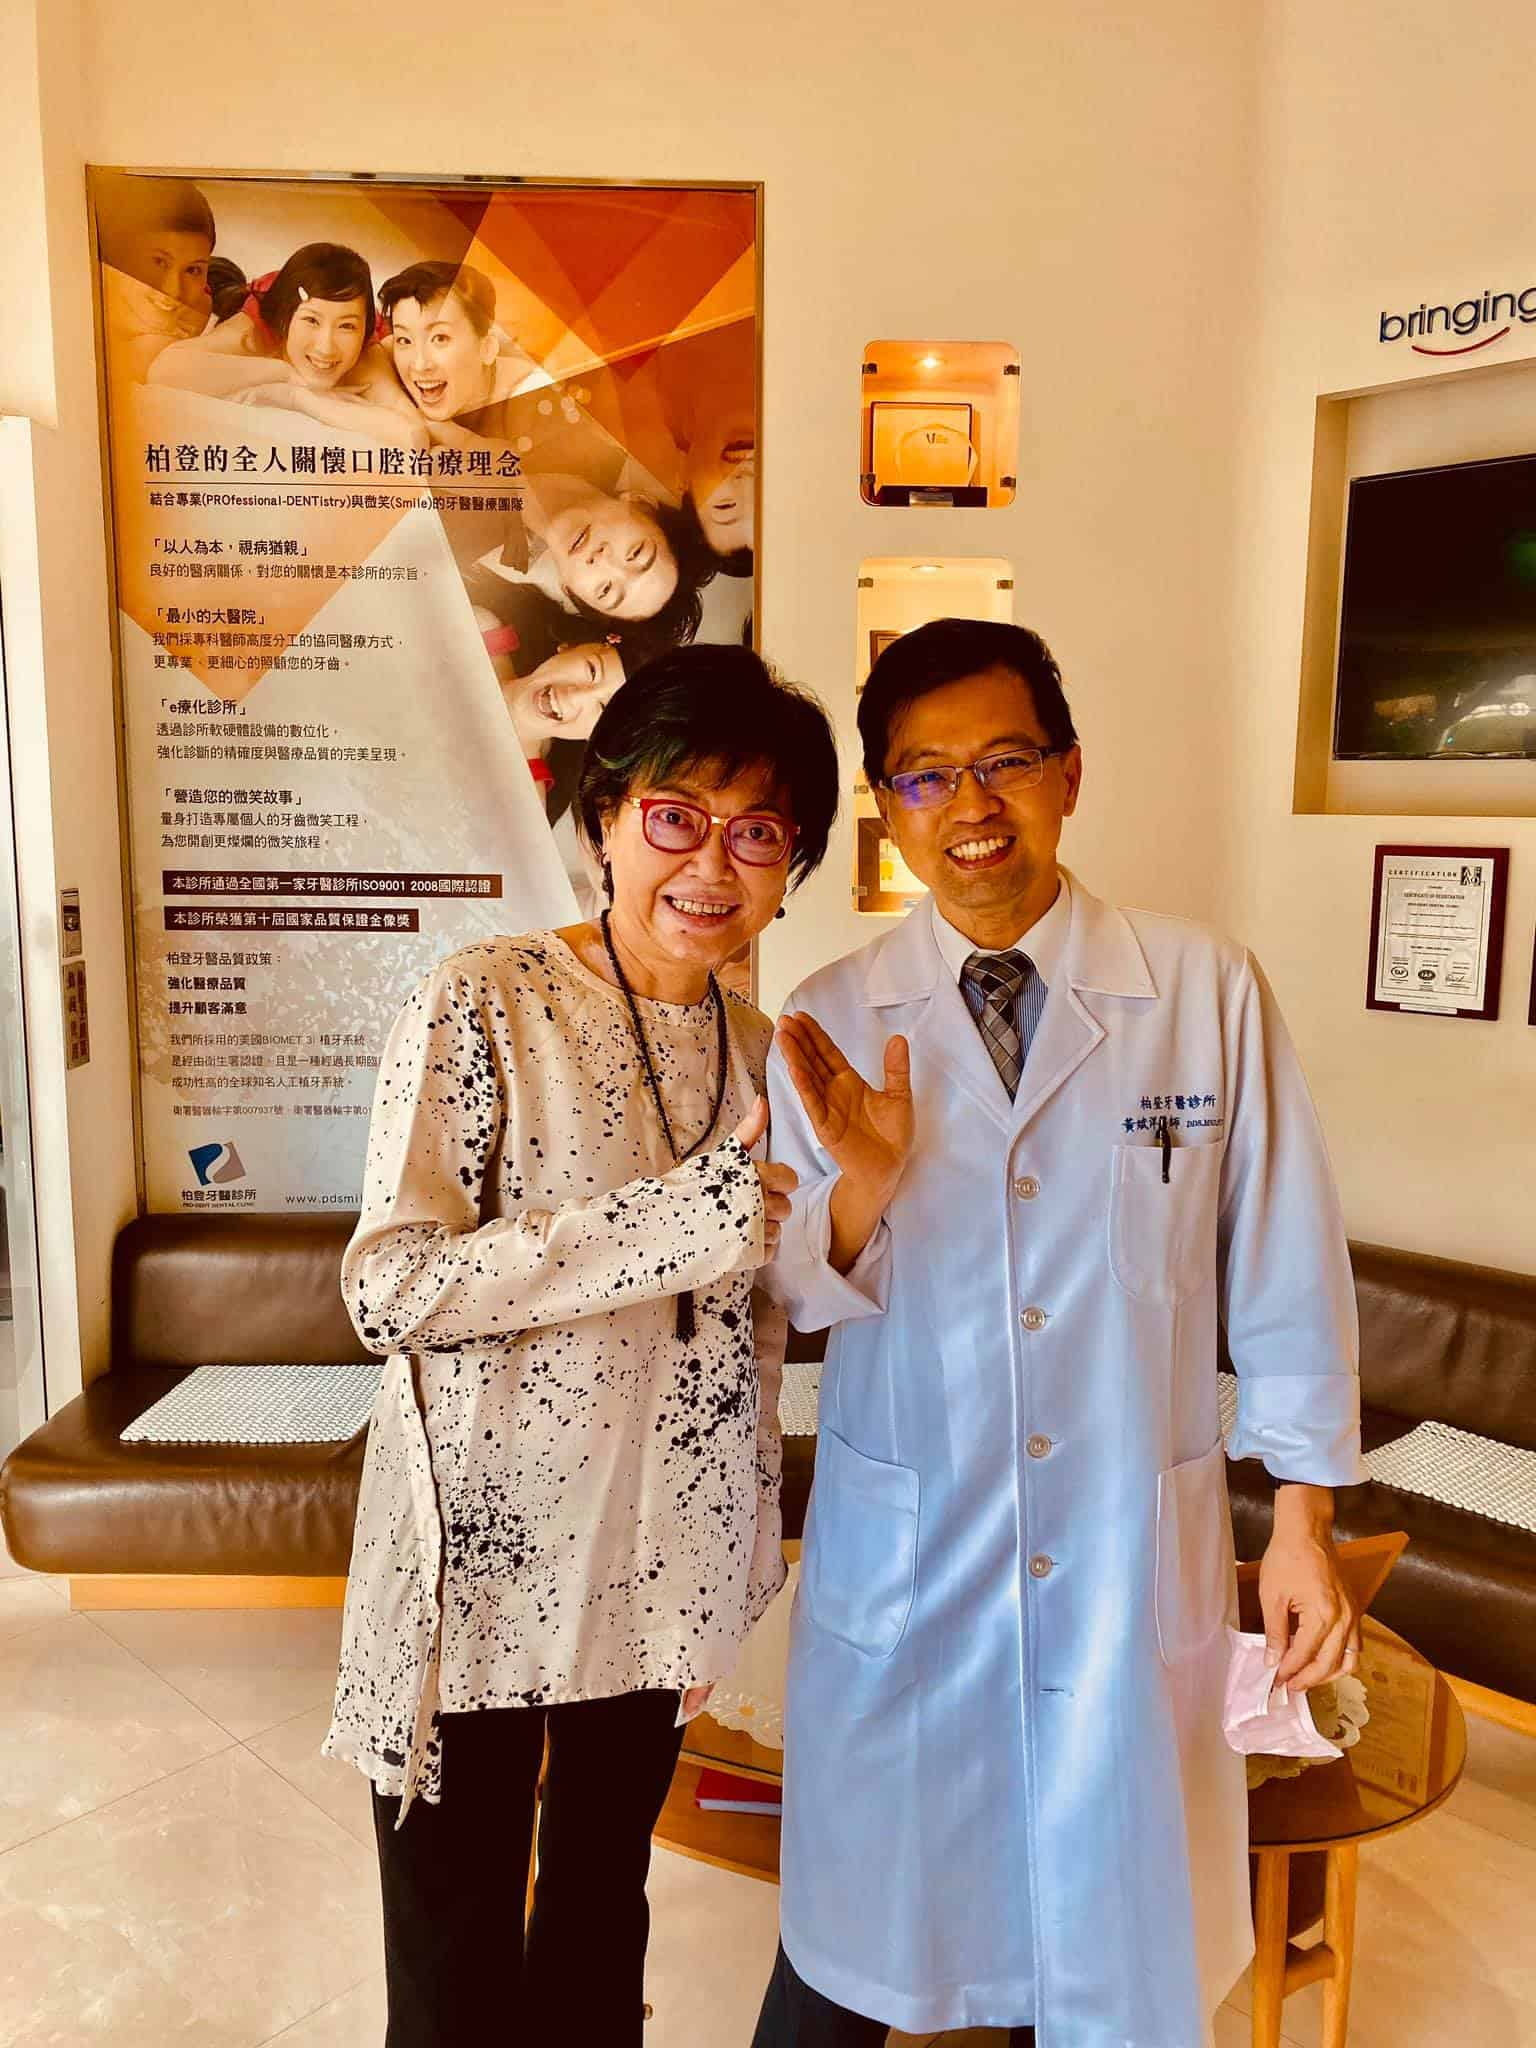 柏登牙醫陪伴磊山佳蓉,讓她不再害怕植牙療程2